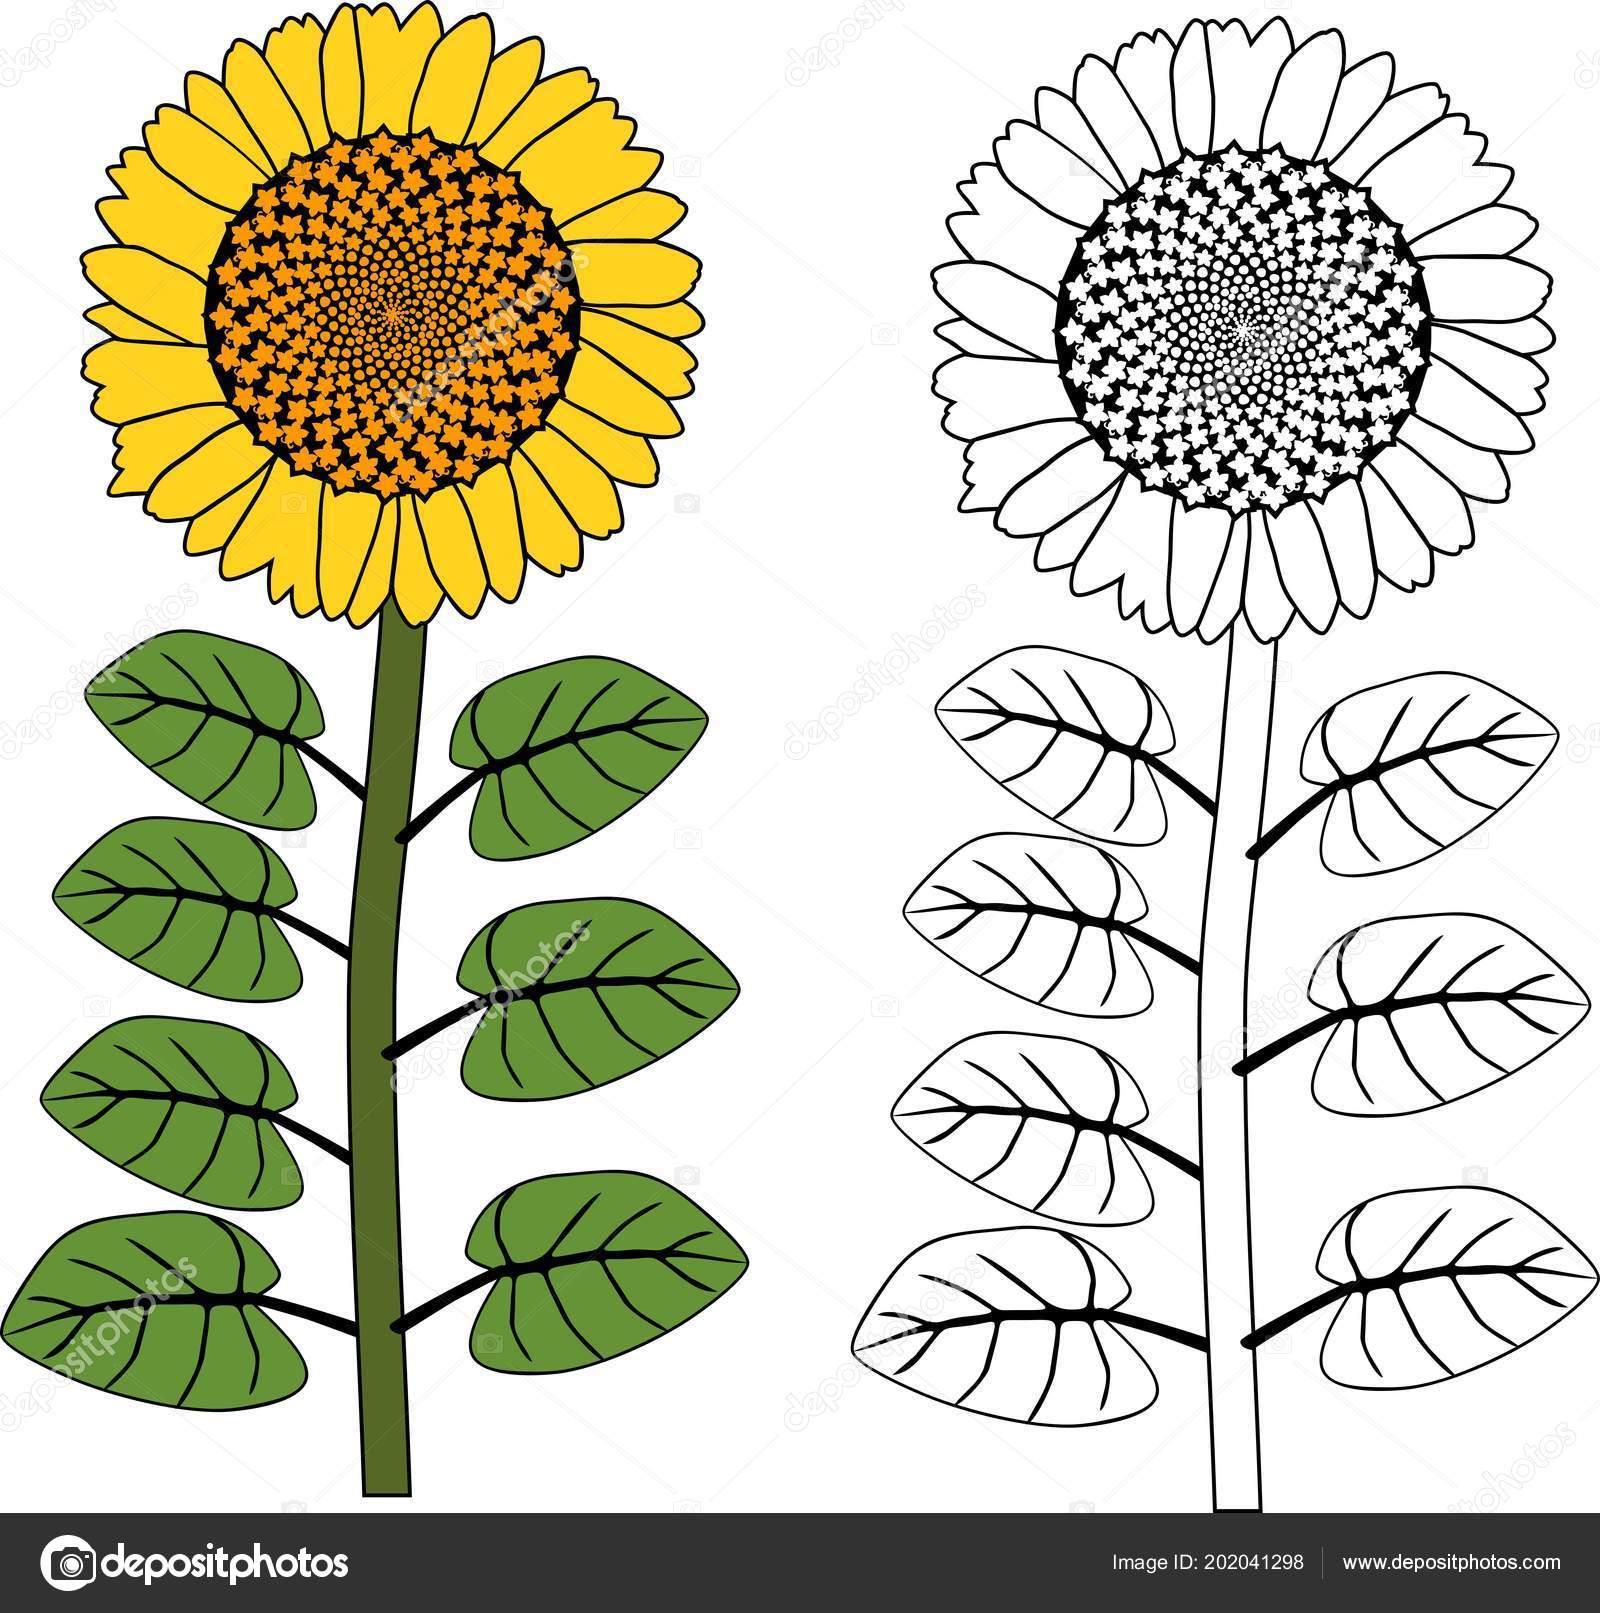 Kleurplaten Zonnebloemen.Kleurplaat Zonnebloem Plant Met Gele Bloemen Bladeren Stockvector